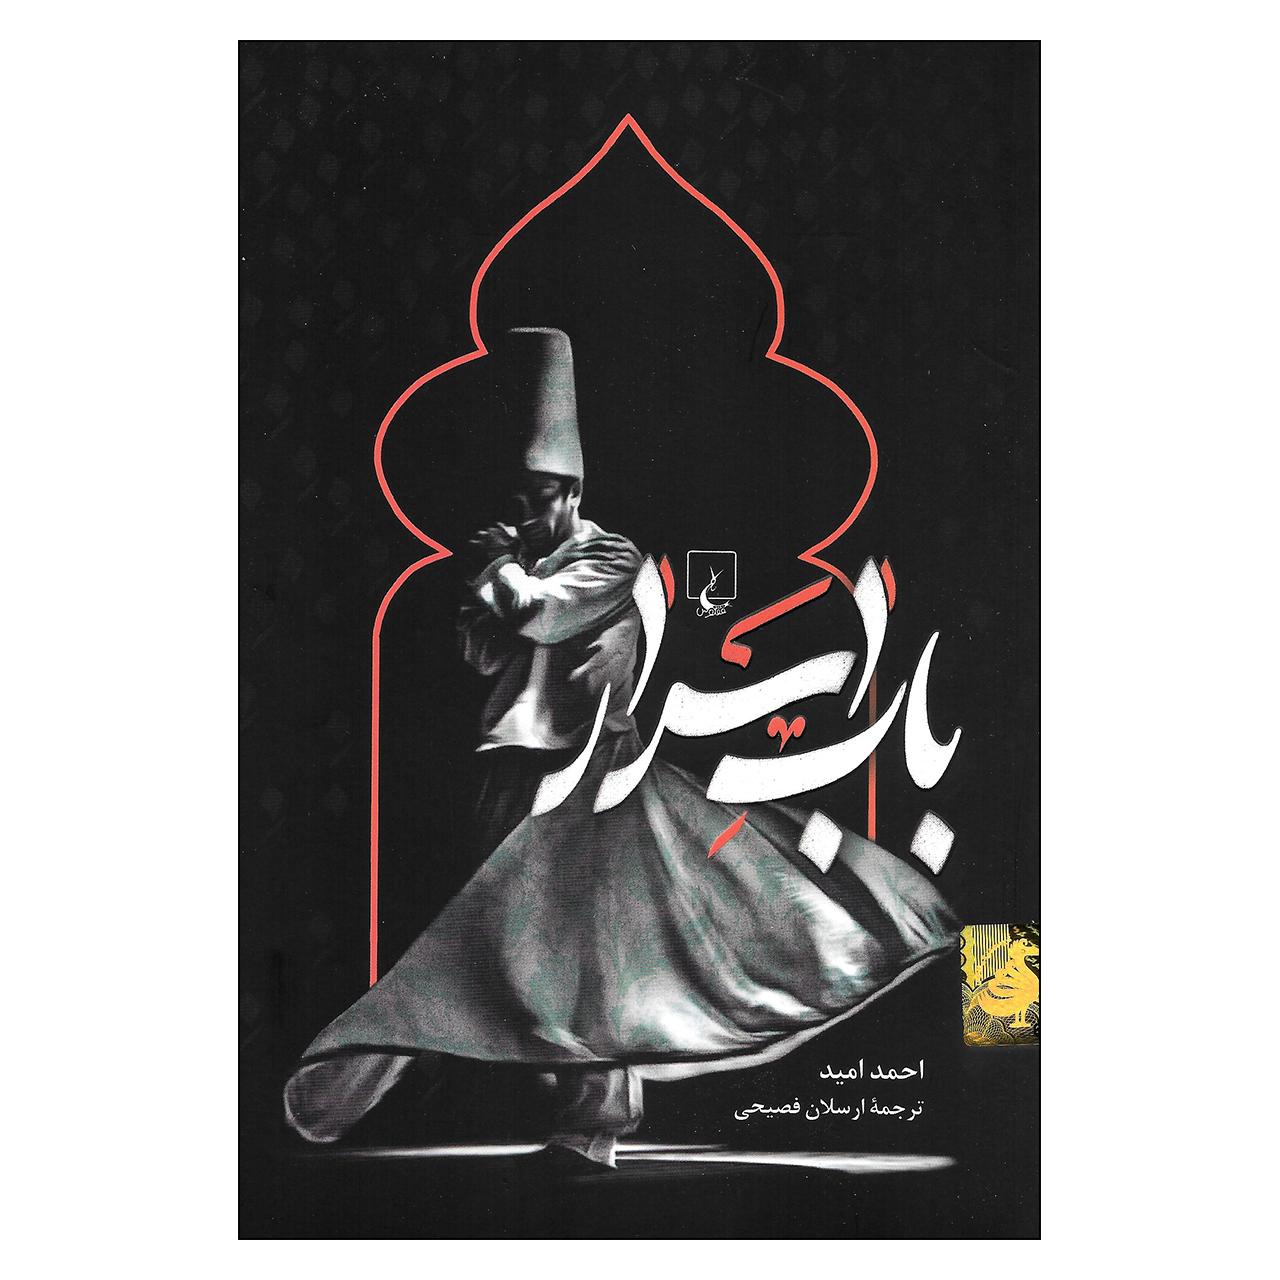 کتاب باب اسرار اثر احمد امید نشر ققنوس